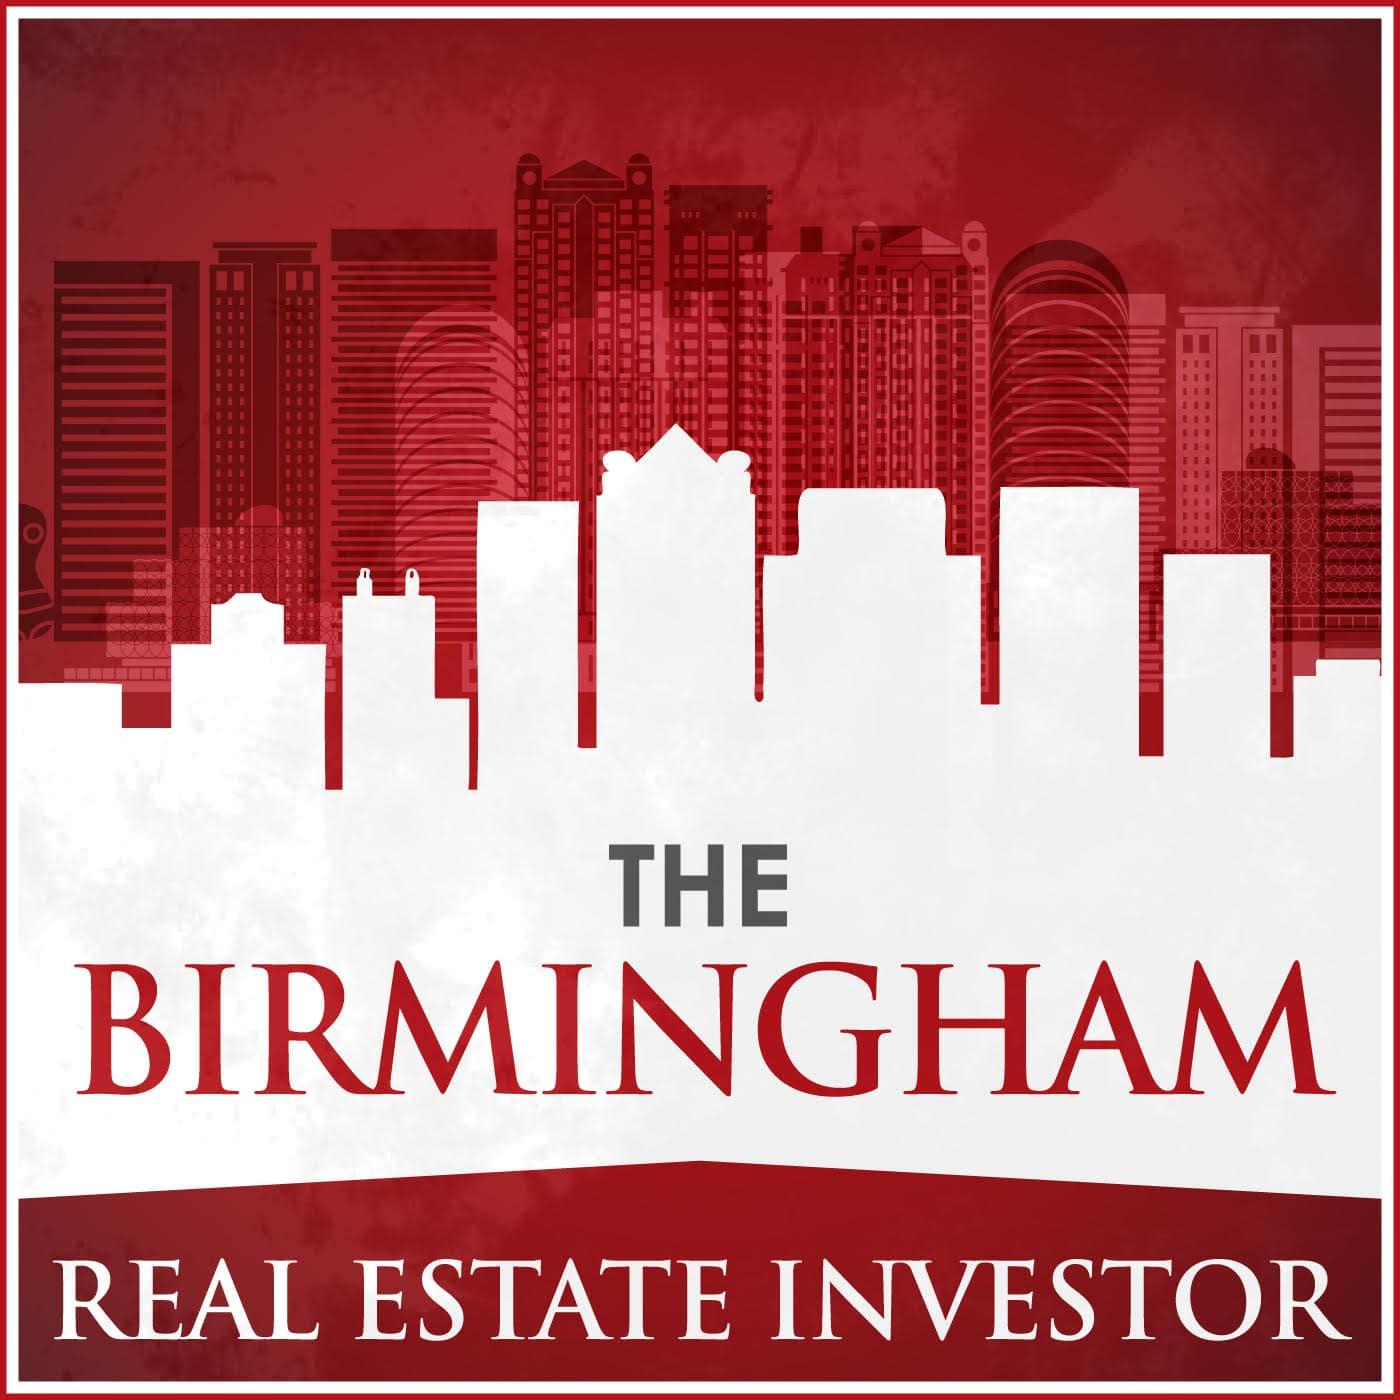 the Birmingham real estate investor